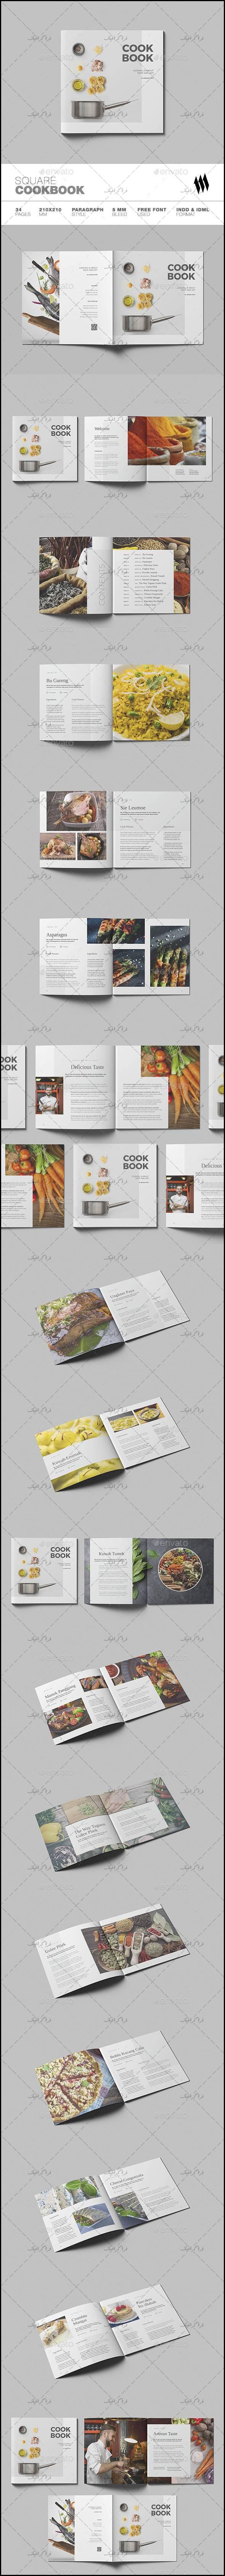 دانلود فایل لایه باز ایندیزاین کتاب آشپزی - مربعی